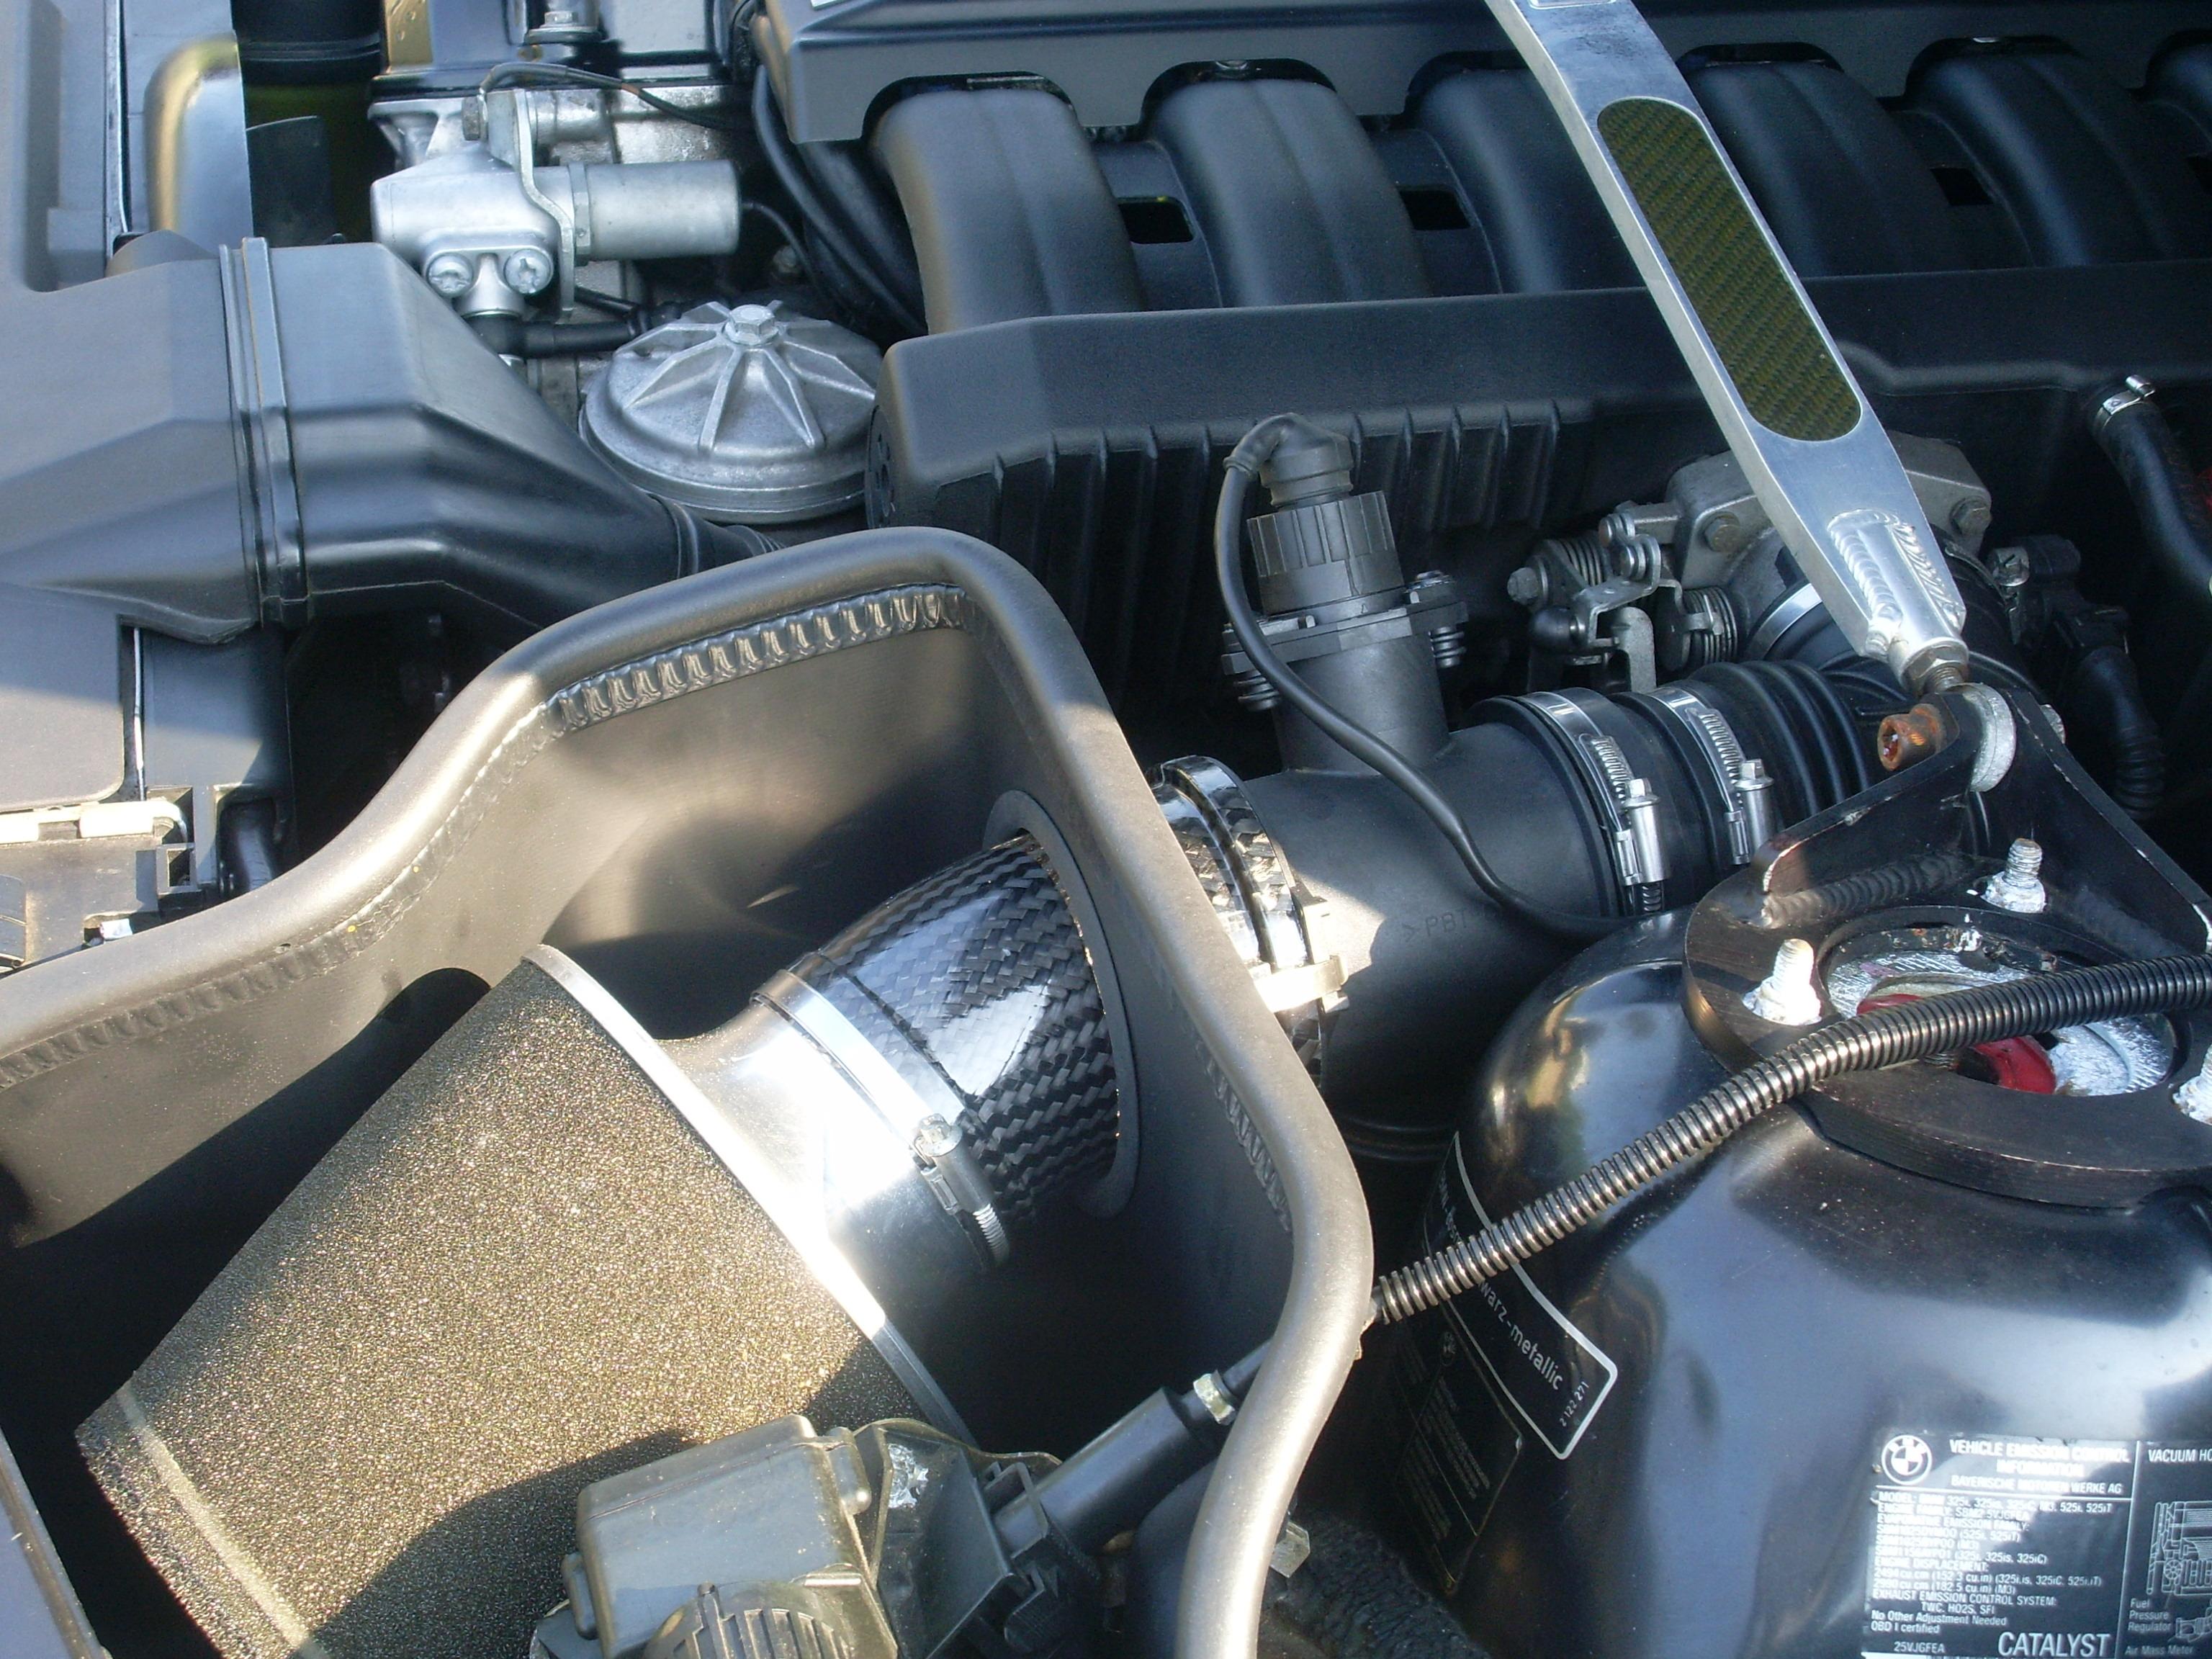 MY95 E36 M3 Track/Street Car-e36-m3-011.jpg